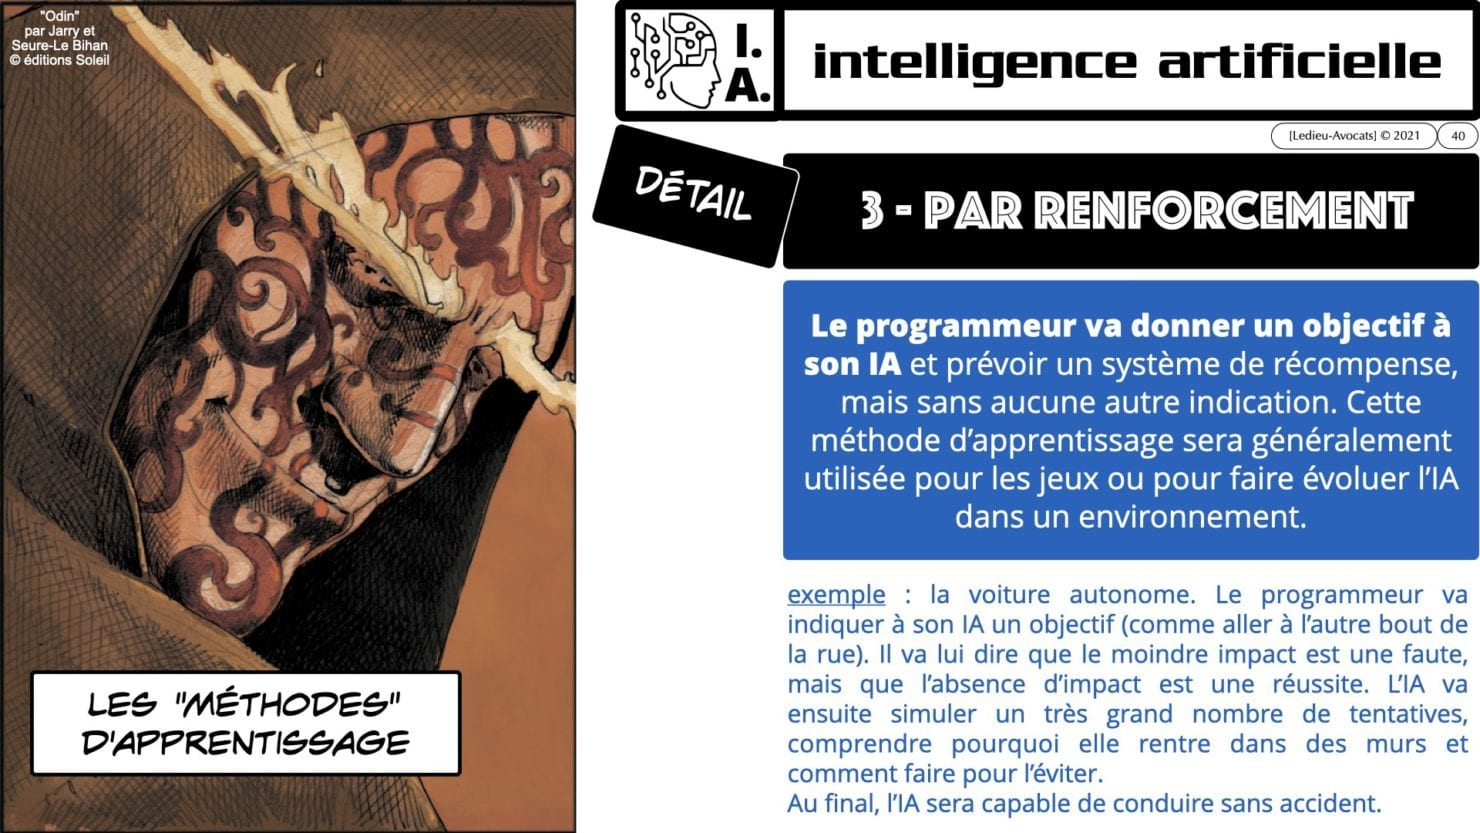 335 Intelligence Artificielle 2021 et AI Act [projet de Règlement UE] deep learning machine learning © Ledieu-Avocats 04-06-2021 *16:9*.040